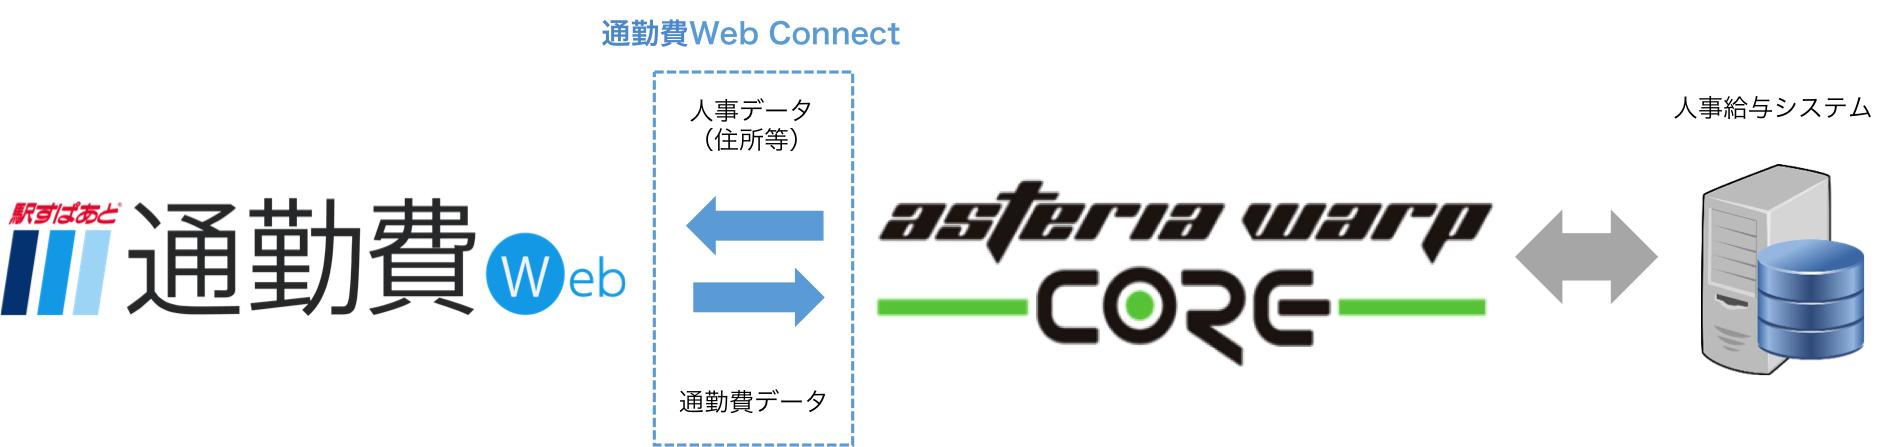 株式会社ヴァル研究所: ヴァル研究所がインフォテリアと業務提携 通勤費の支給データと人事給与システムとのスムーズな連携を実現する「駅すぱあと 通勤費Web Connect」を提供開始